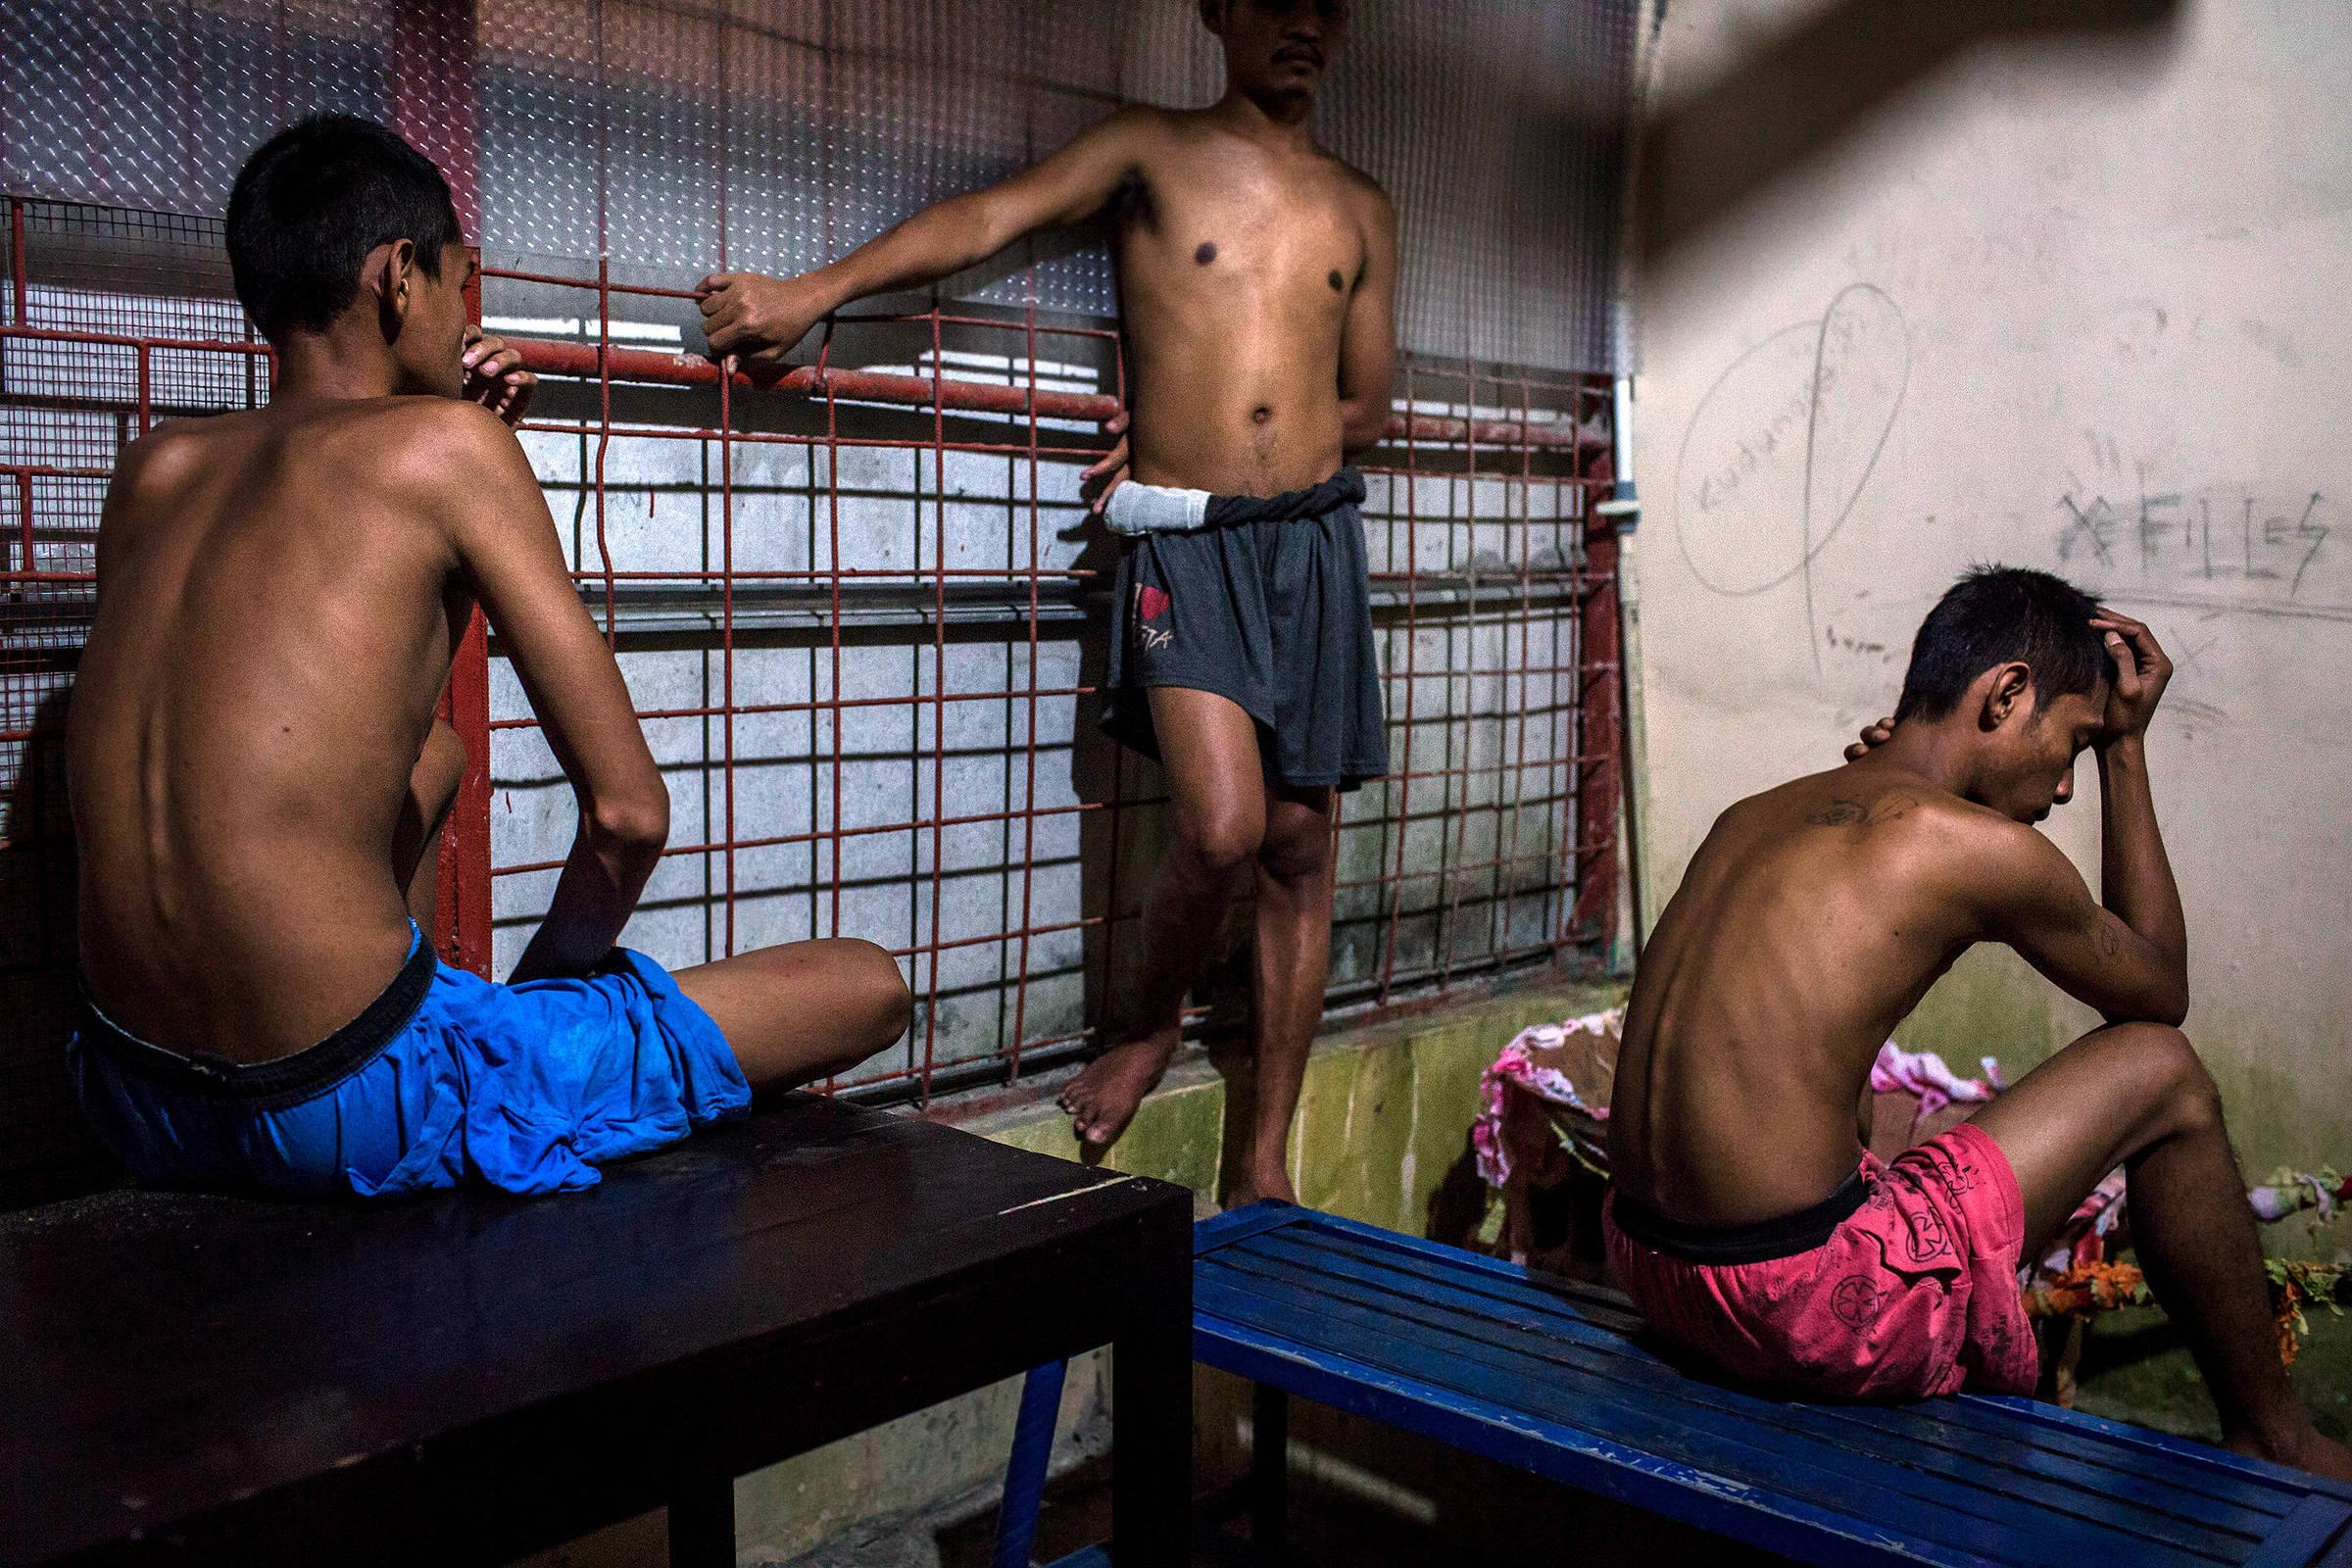 Centro de reabilitação para dependentes de drogas em Purbalingga, na Indonésia